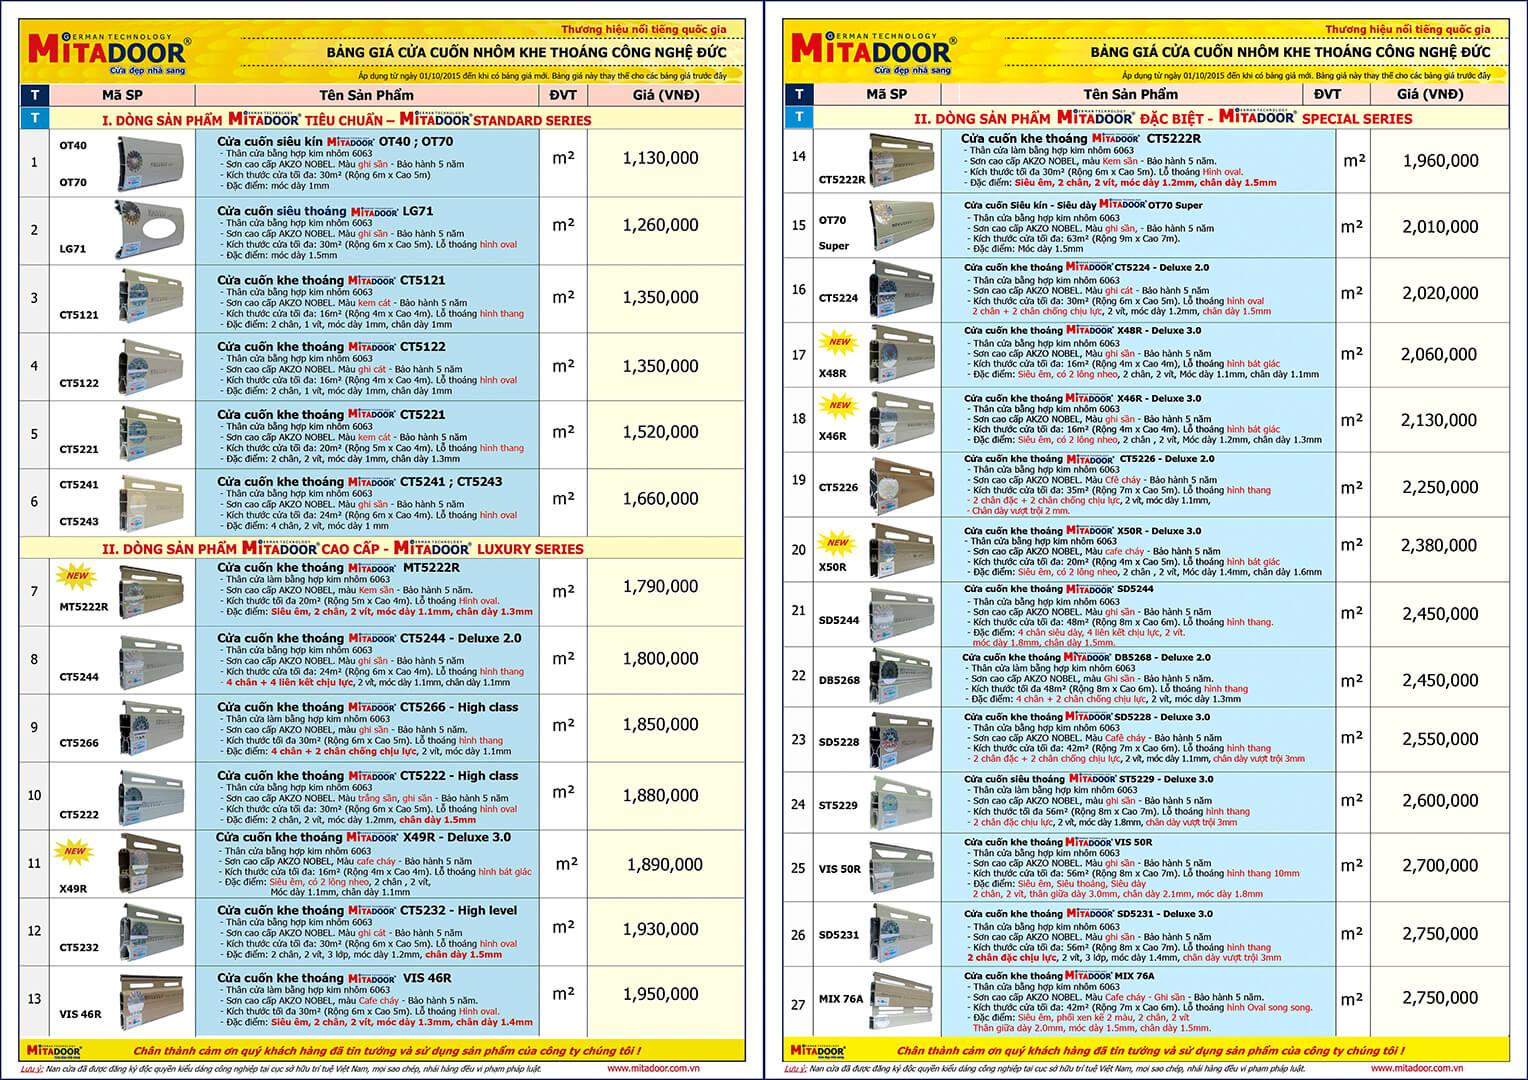 Bảng giá cửa cuốn Mitadoor Báo Giá Thi Công Hoàn Thiện - 12